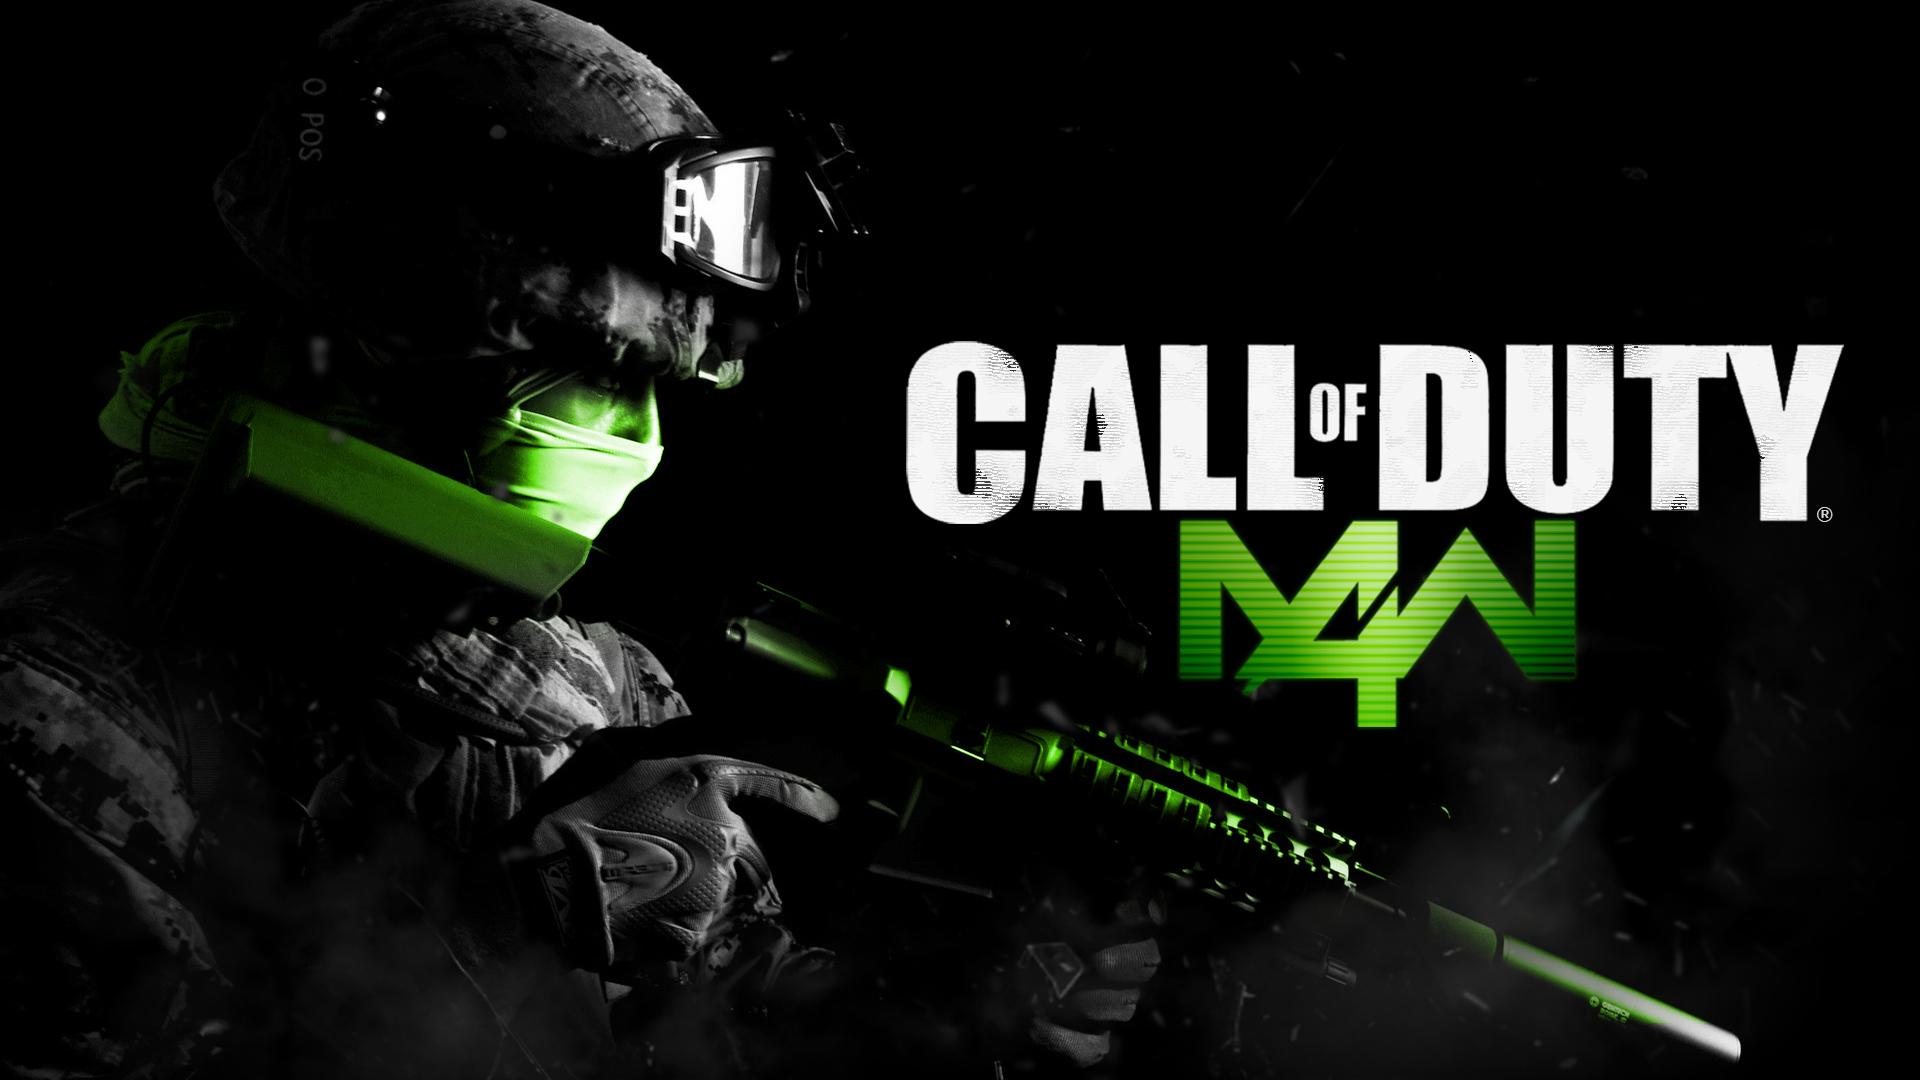 call of duty modern warfare 4 game HD - LEAKED : Call of Duty - Modern Warfare 4 Gameplay details?